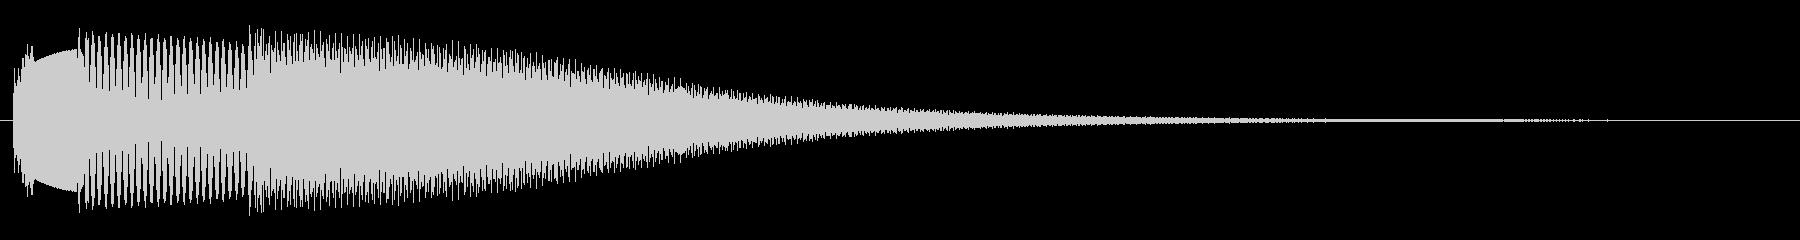 キラリーン(綺麗な高音の電子音)の未再生の波形